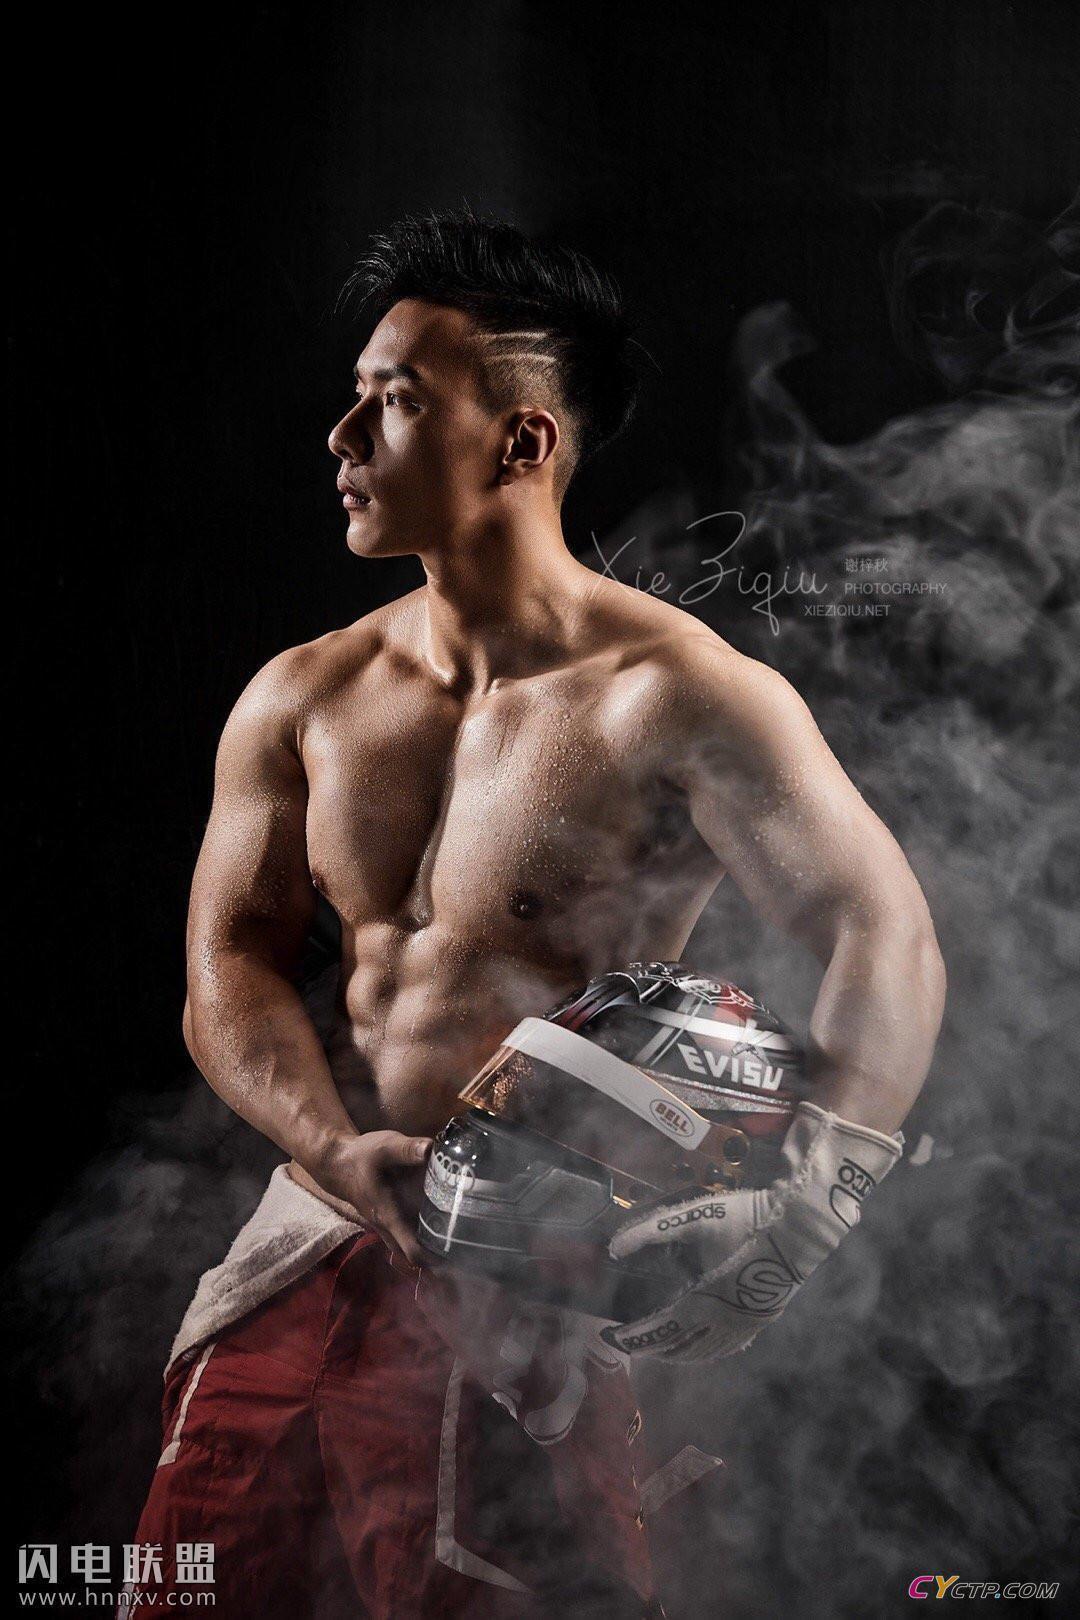 基友网肌肉男模高清私房照第3张